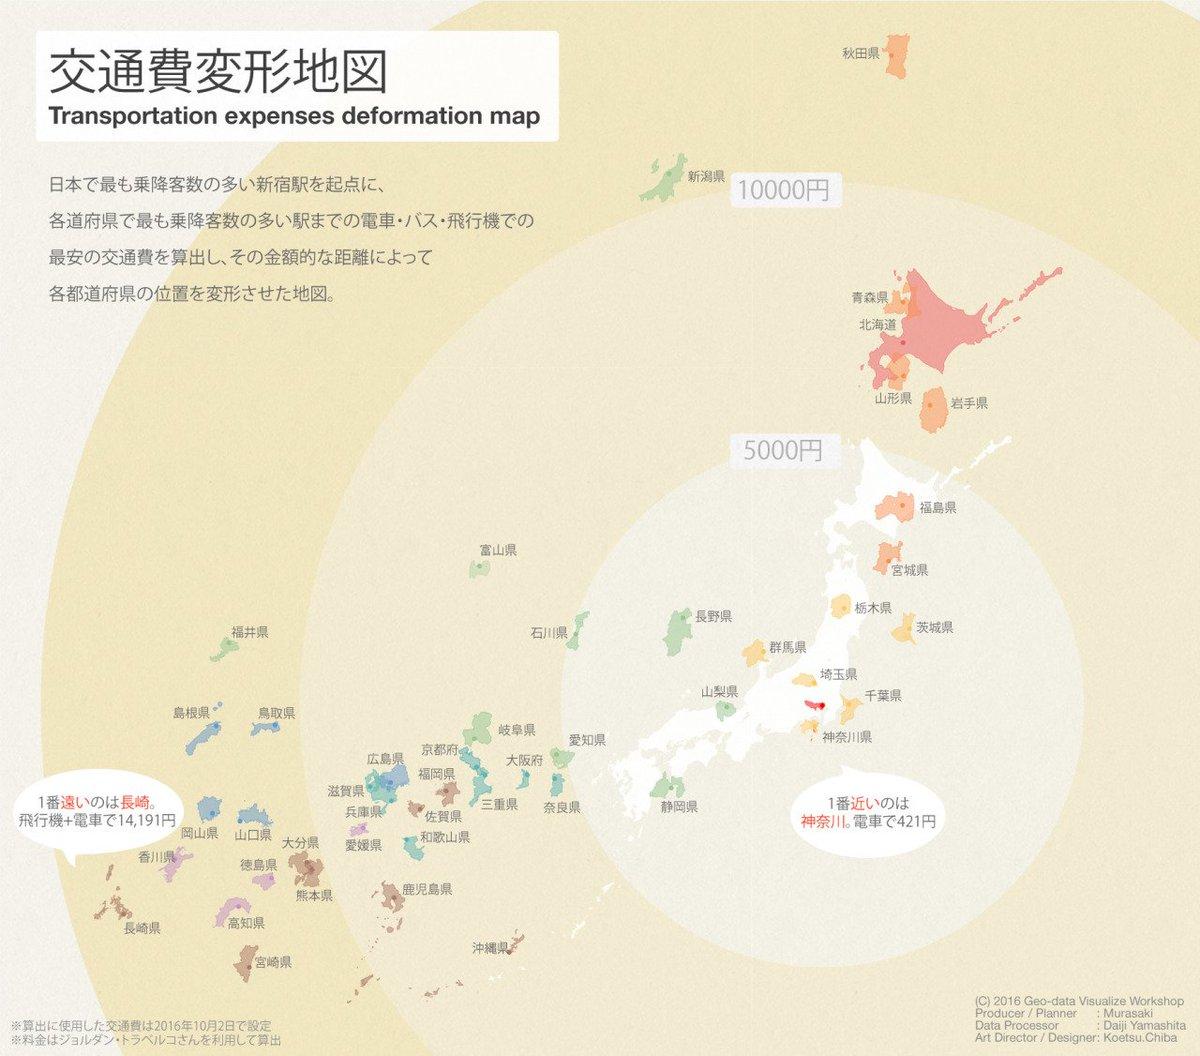 東京まで物理的距離ではなく交通費が各都道府県からどれぐらいになるかが一目瞭然の「交通費変形地図」 - GIGAZINE  「乗換案内に含まれていない格安の夜行バス路線は対象外」